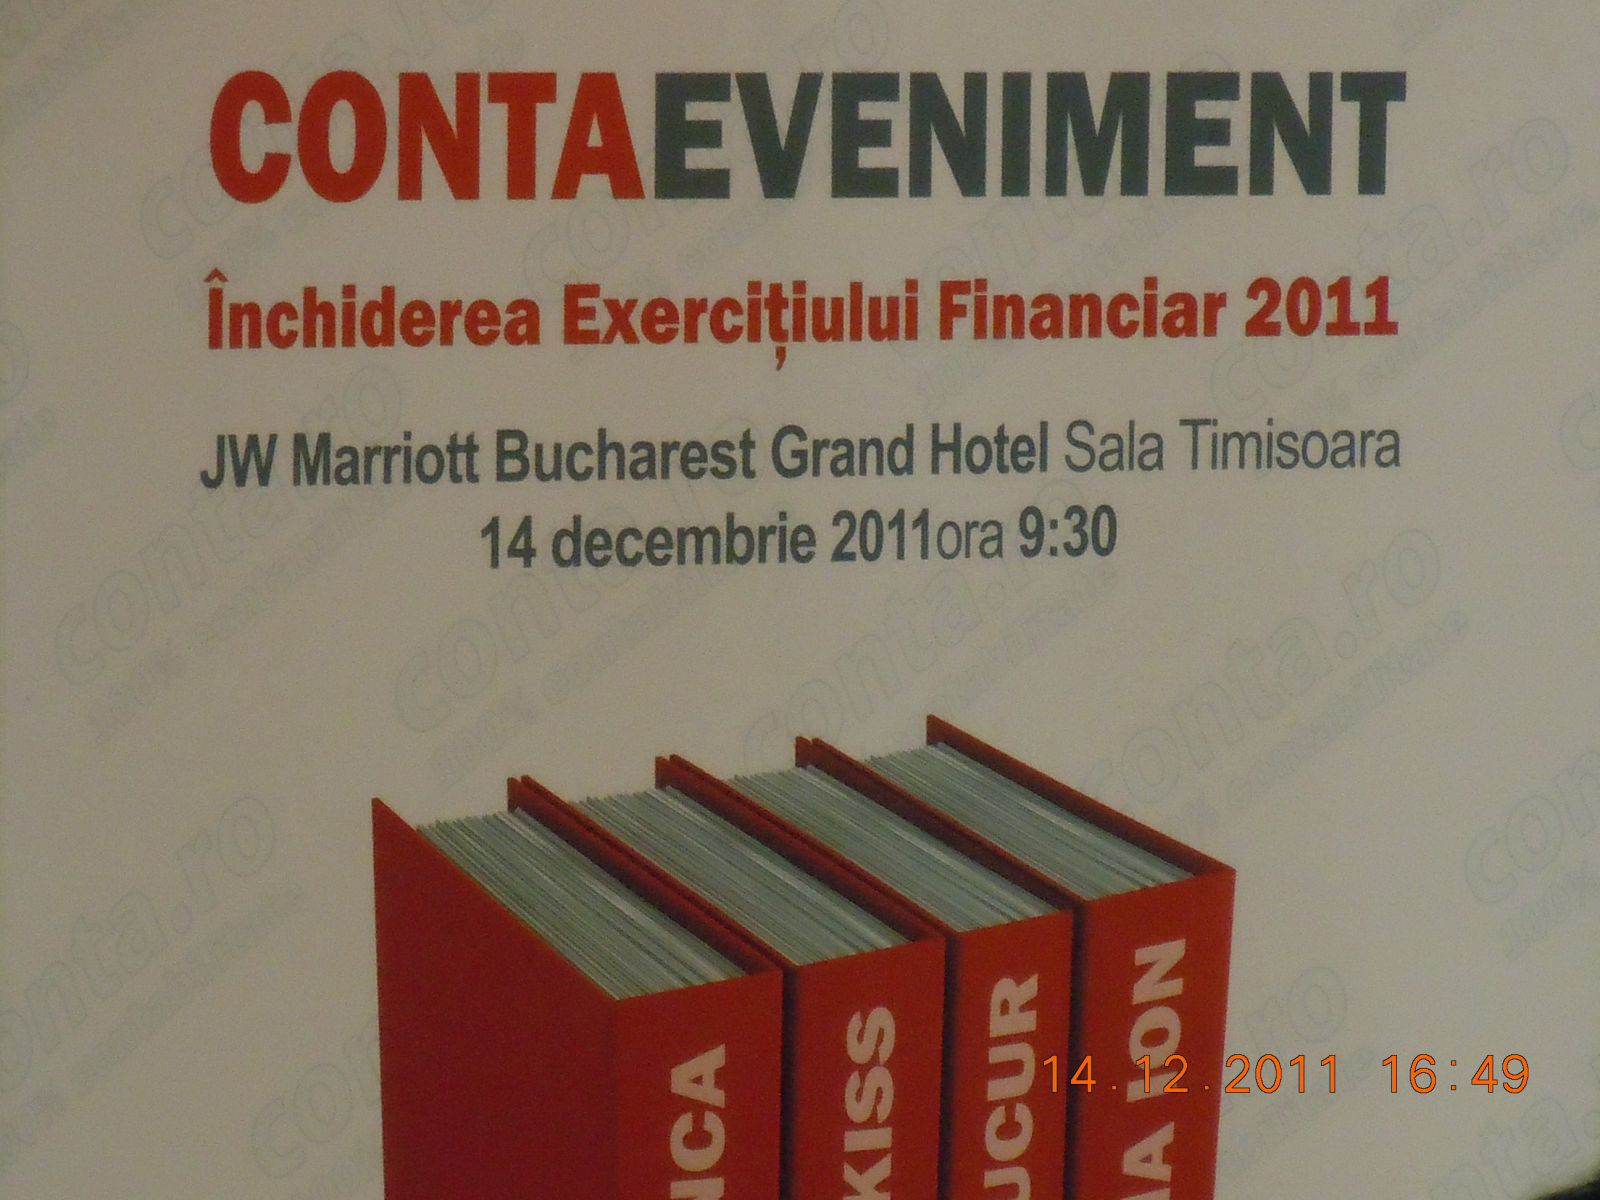 INCHIDEREA EXERCITIULUI FINANCIAR 2011